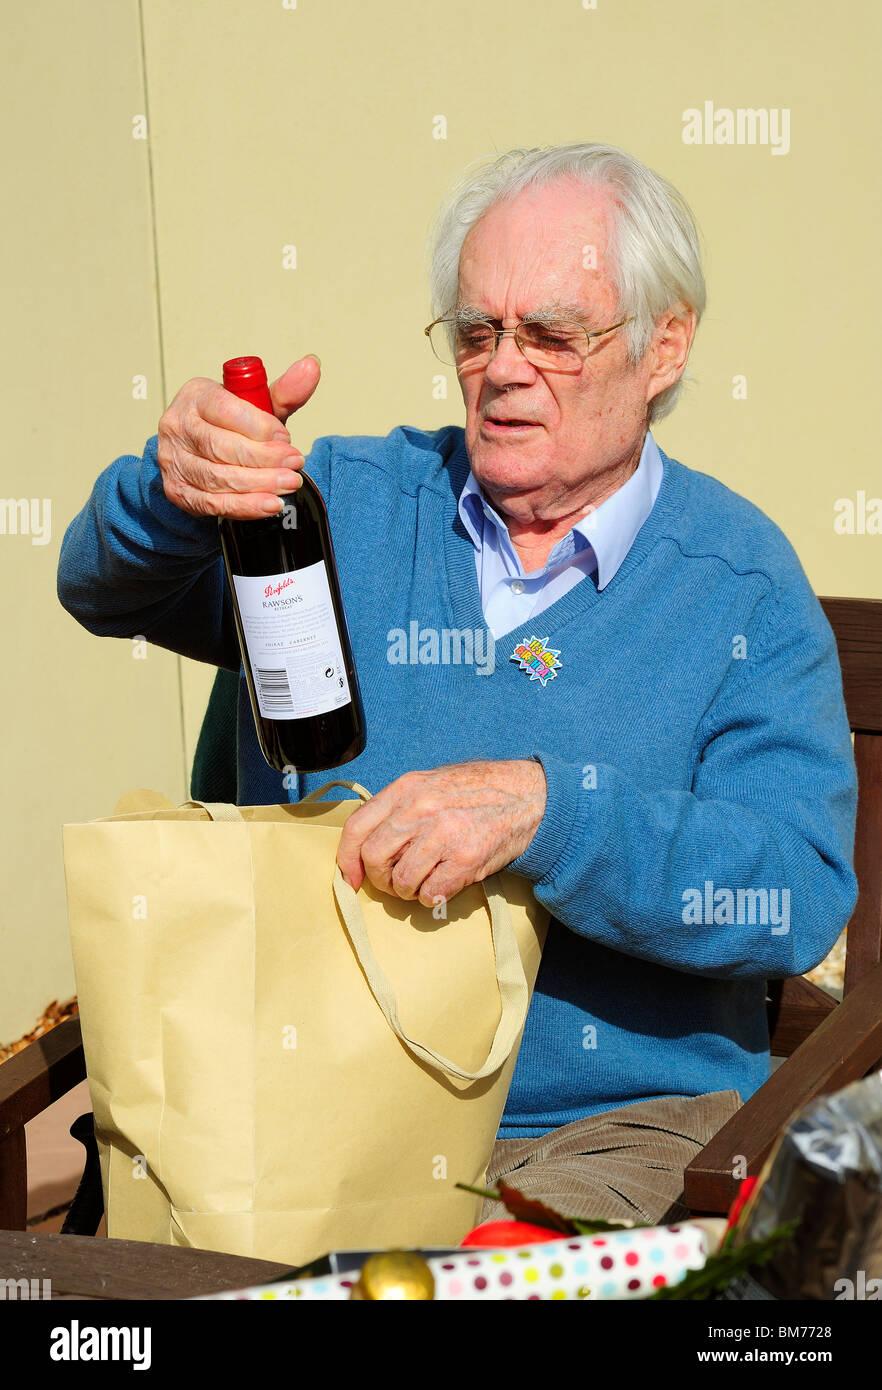 Ein Dankbarer Alterer Mann Nimmt Eine Flasche Weine Aus Einem Paket